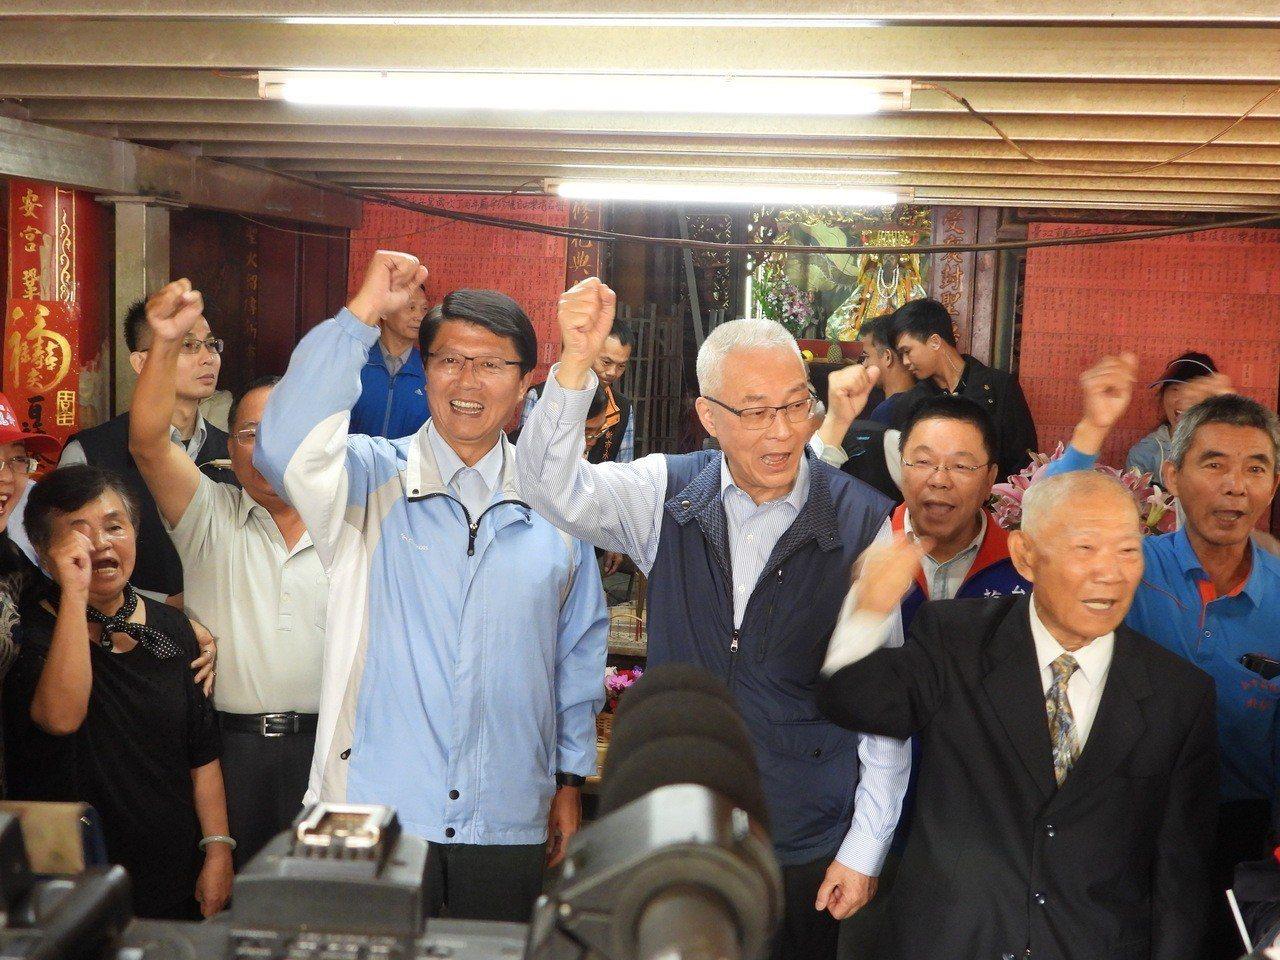 吳敦義為謝龍介站台,高呼當選。記者周宗禎/攝影